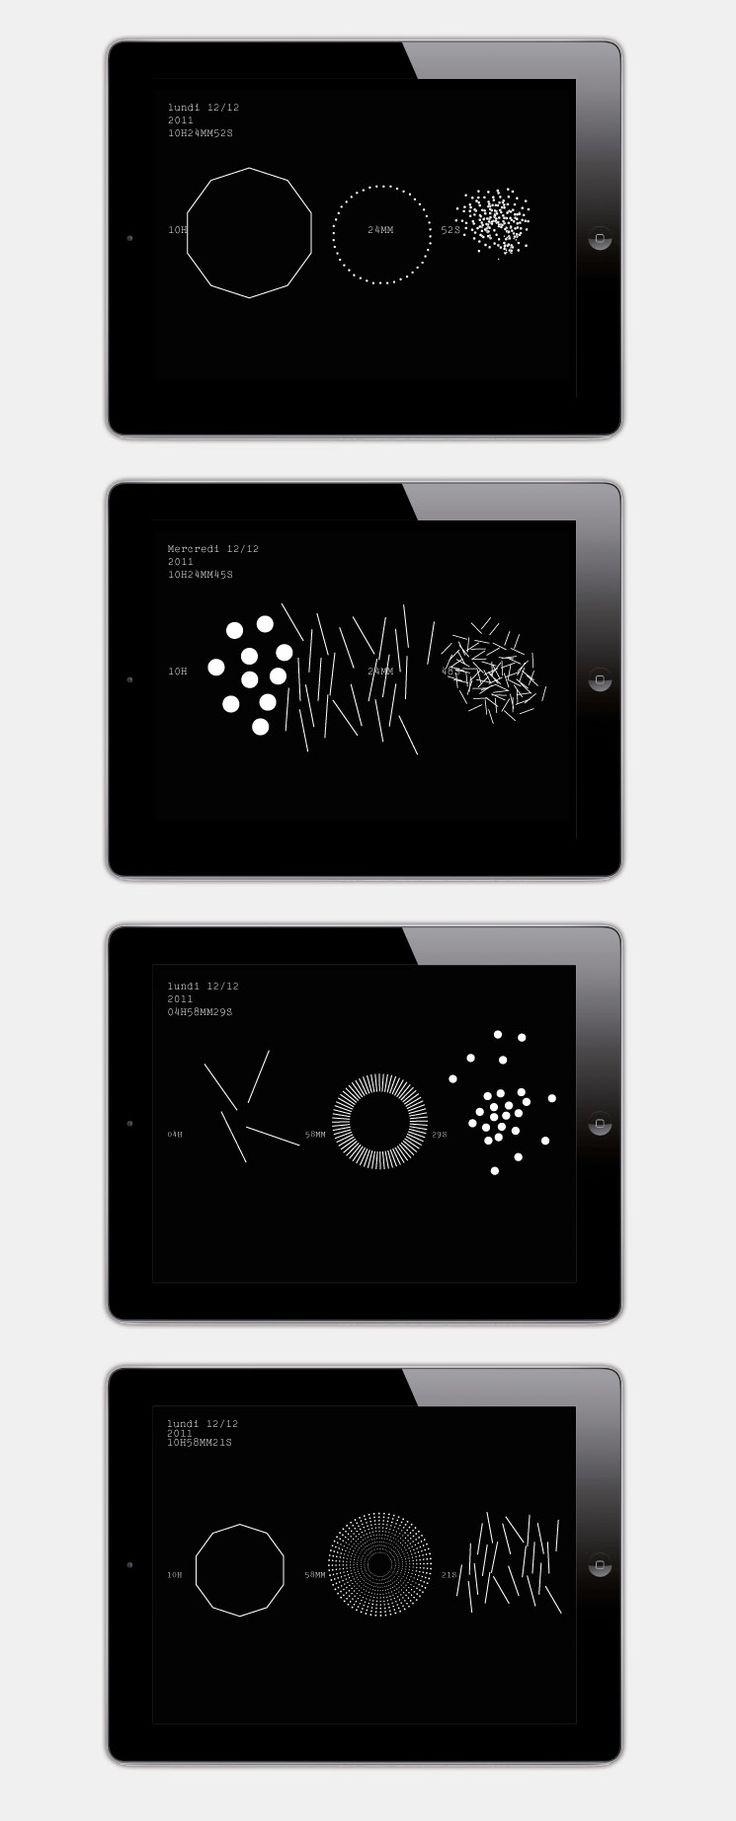 interactivité, design graphique, design, application, application mobile, application iphone, iphone, application ipad, ipad, horloge, appli...